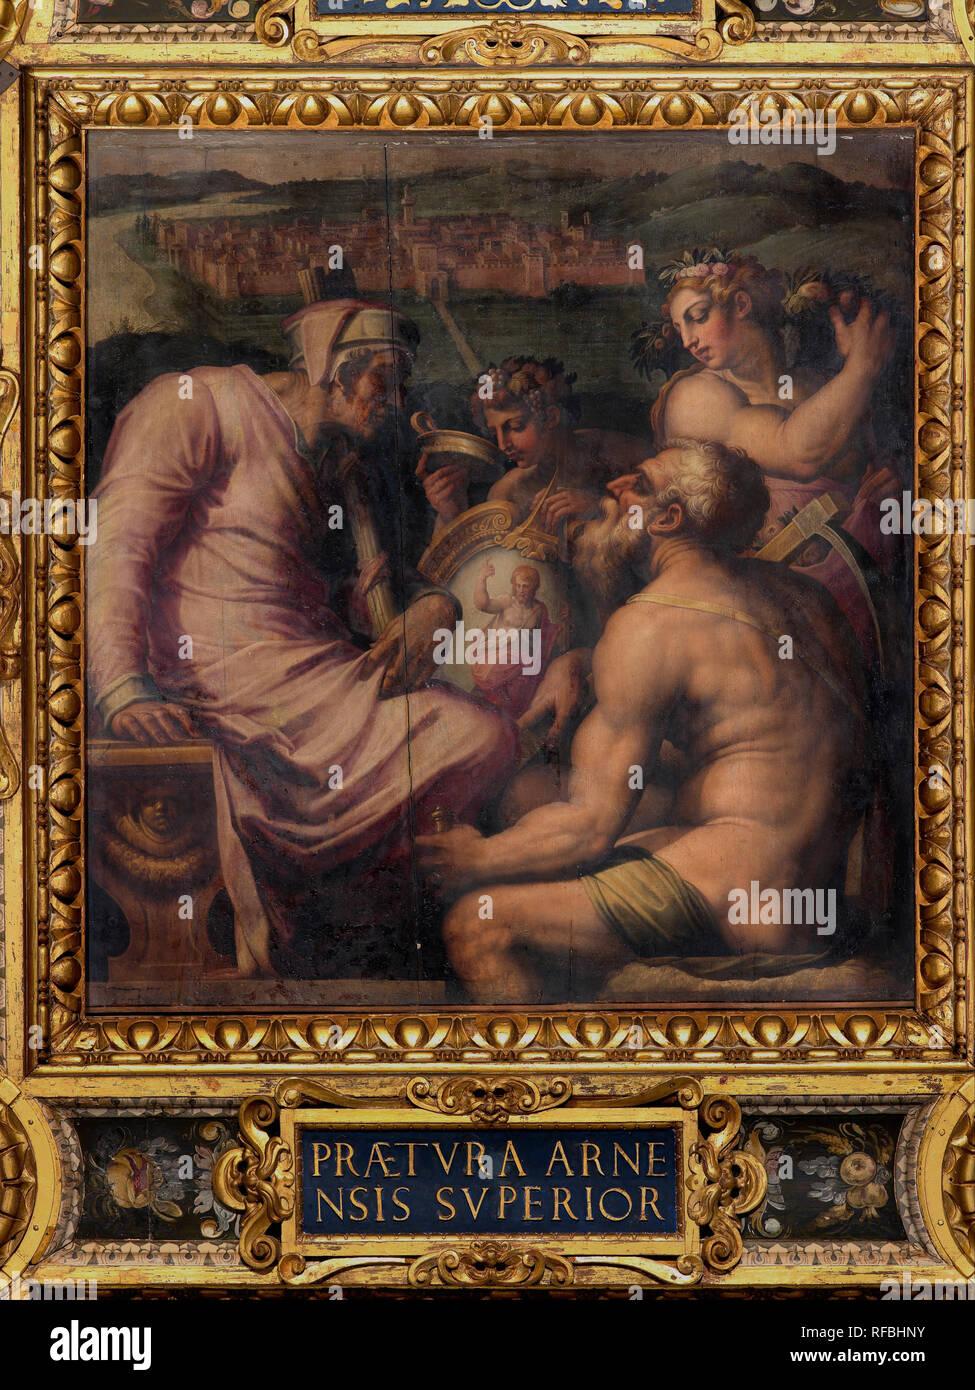 Allegorie von San Giovanni Valdarno. Datum/Zeitraum: 1563 - 1565. Öl Malerei auf Holz. Höhe: 250 mm (9,84 in); Breite: 250 mm (9,84 in). Autor: Giorgio Vasari. VASARI, Giorgio. Stockfoto